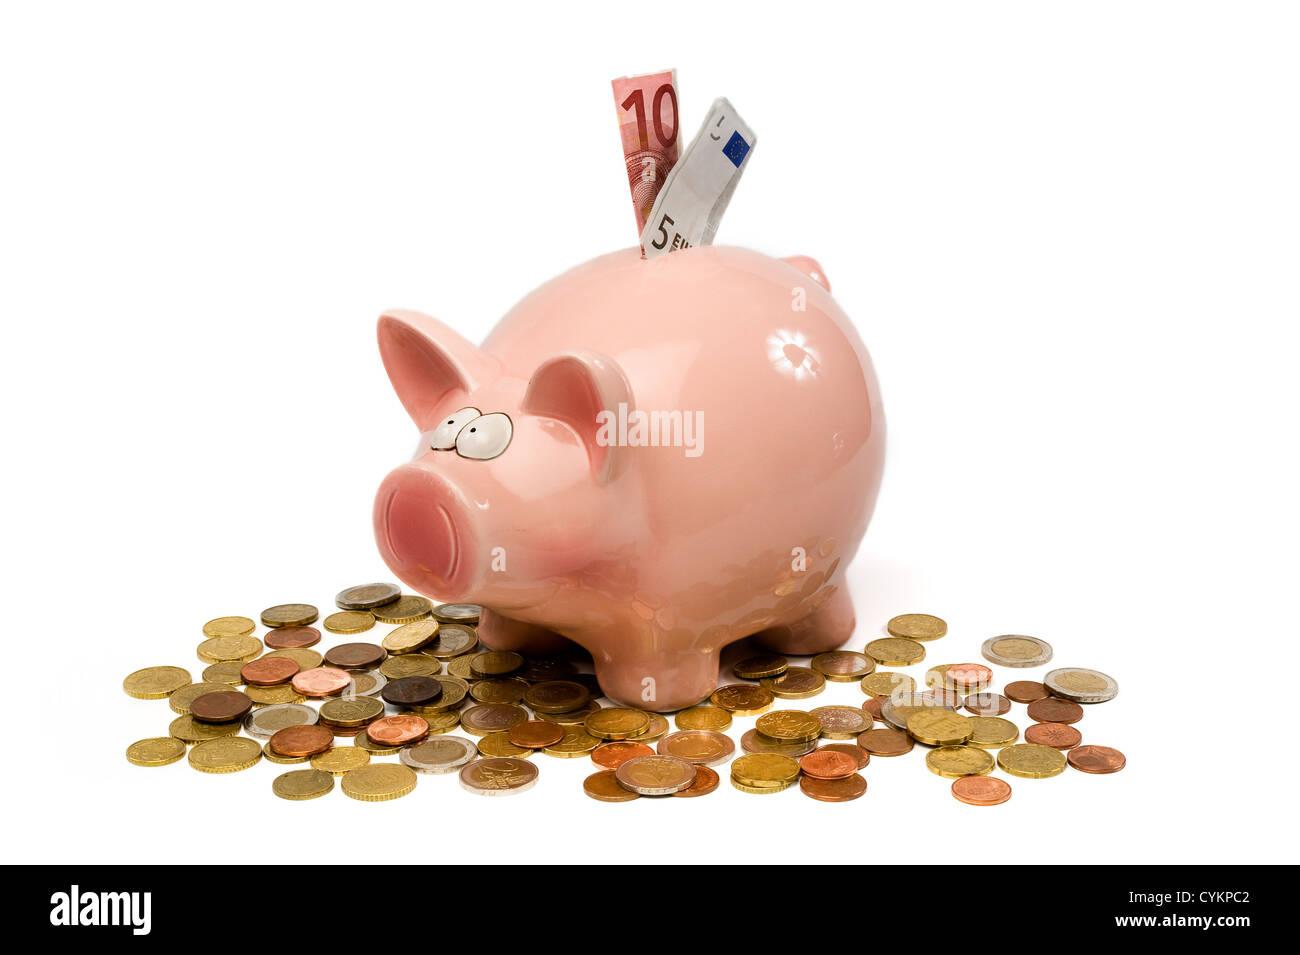 Eine rettende Schwein steht zwischen einer Menge von Euro-Münzen Stockbild